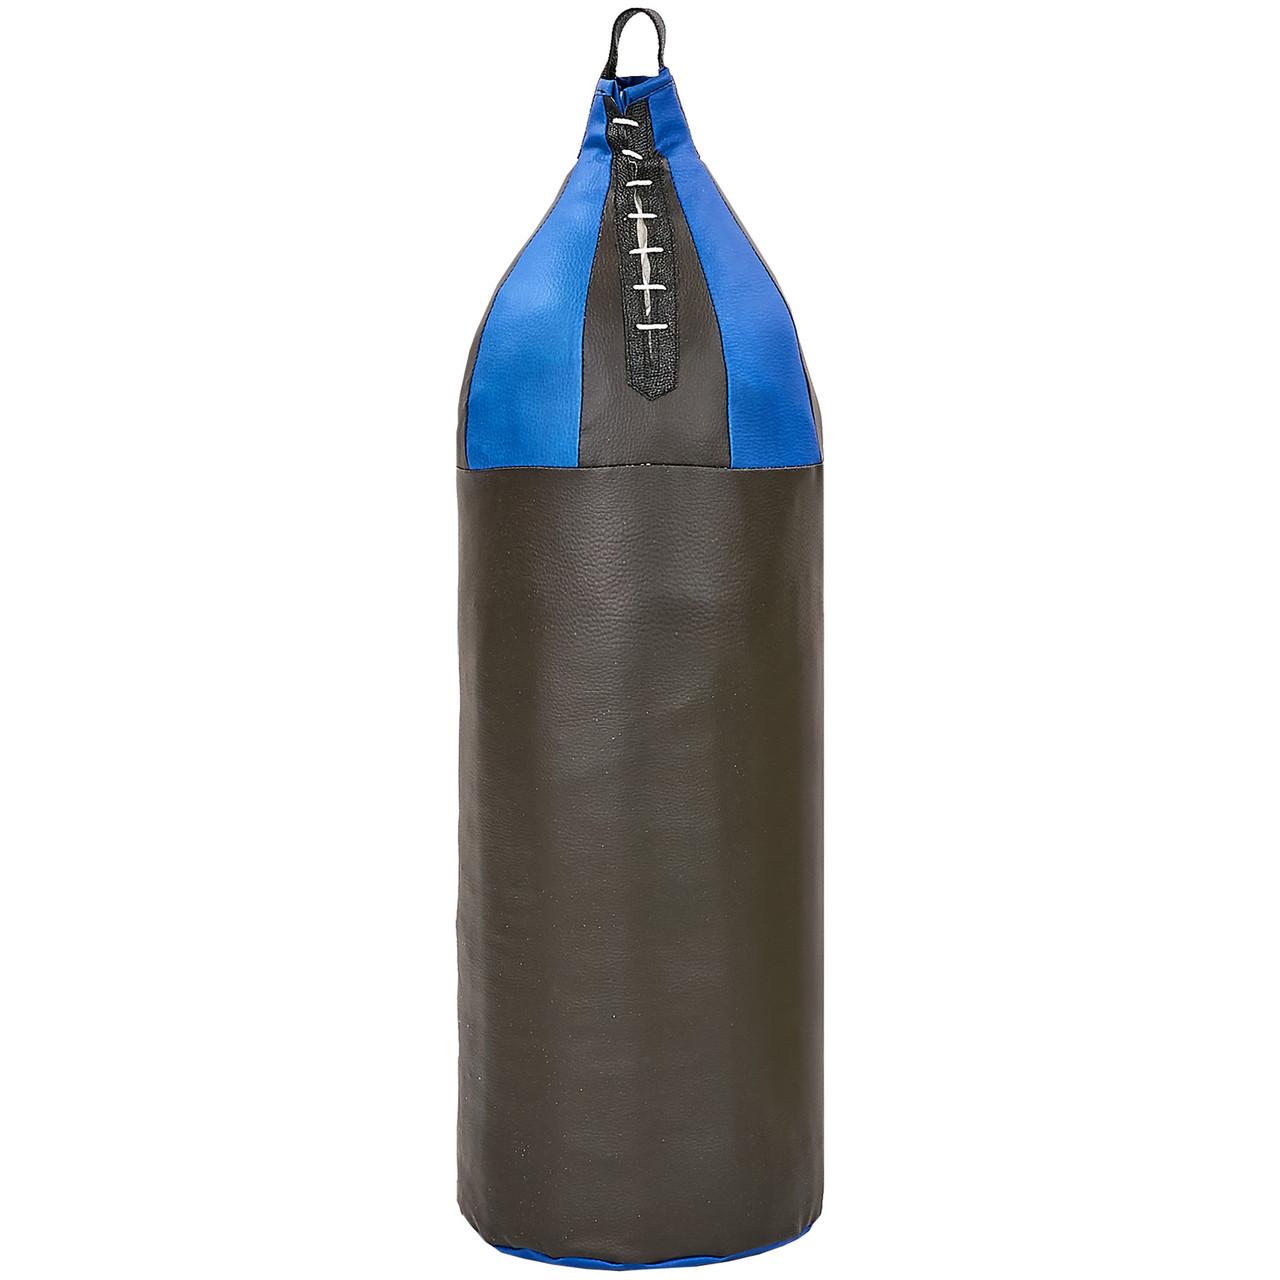 Мешок боксерский Шлемовидный Кирза h-75см 10кг BOXER 1005-02